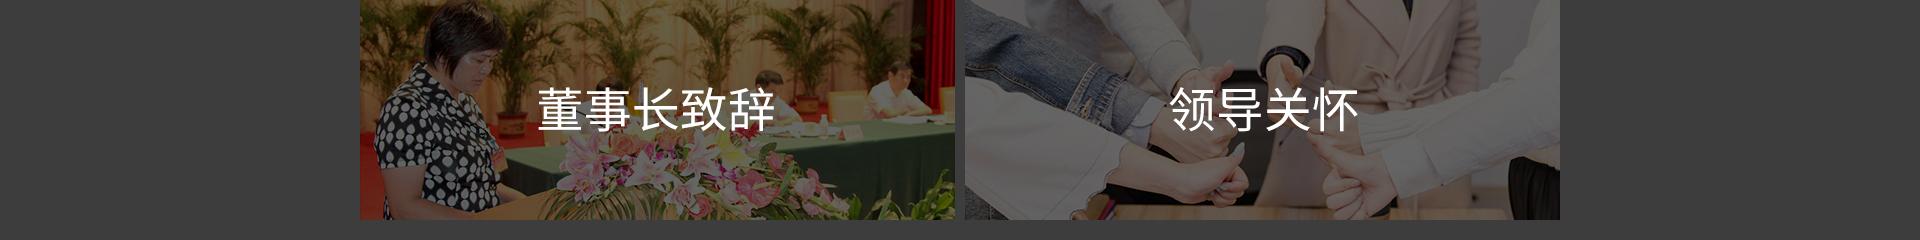 山东水波尔家居有限公司是知名的床垫生产厂家,主营:乳胶床垫,水床垫,7G床垫等,支持酒店以及学校定制,智能调节,完美承托,质量保证,超长保修.热线:0539-4610167